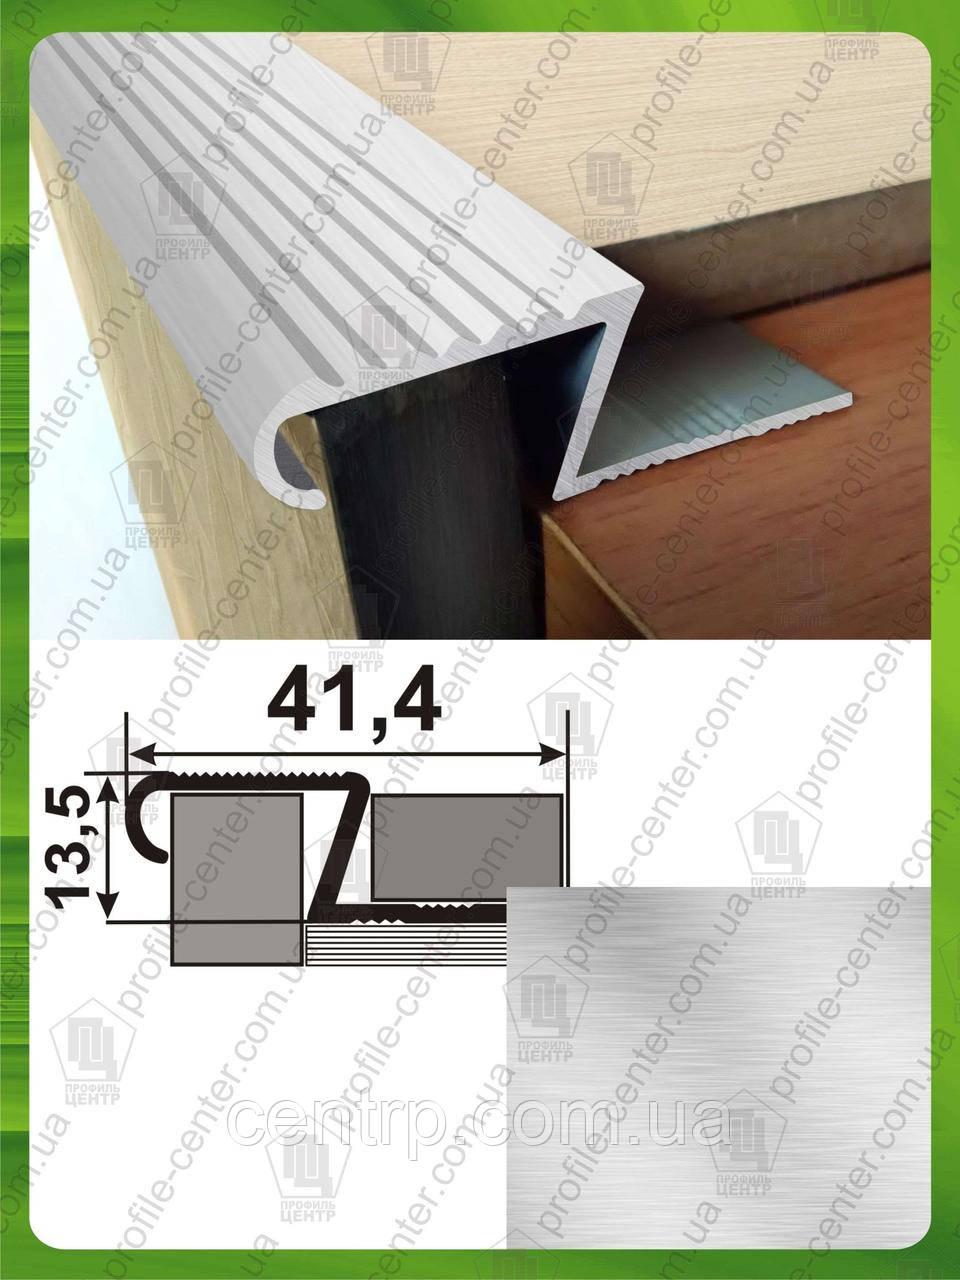 Z - образный профиль под плитку 12мм ПЛ 209.   Без покрытия